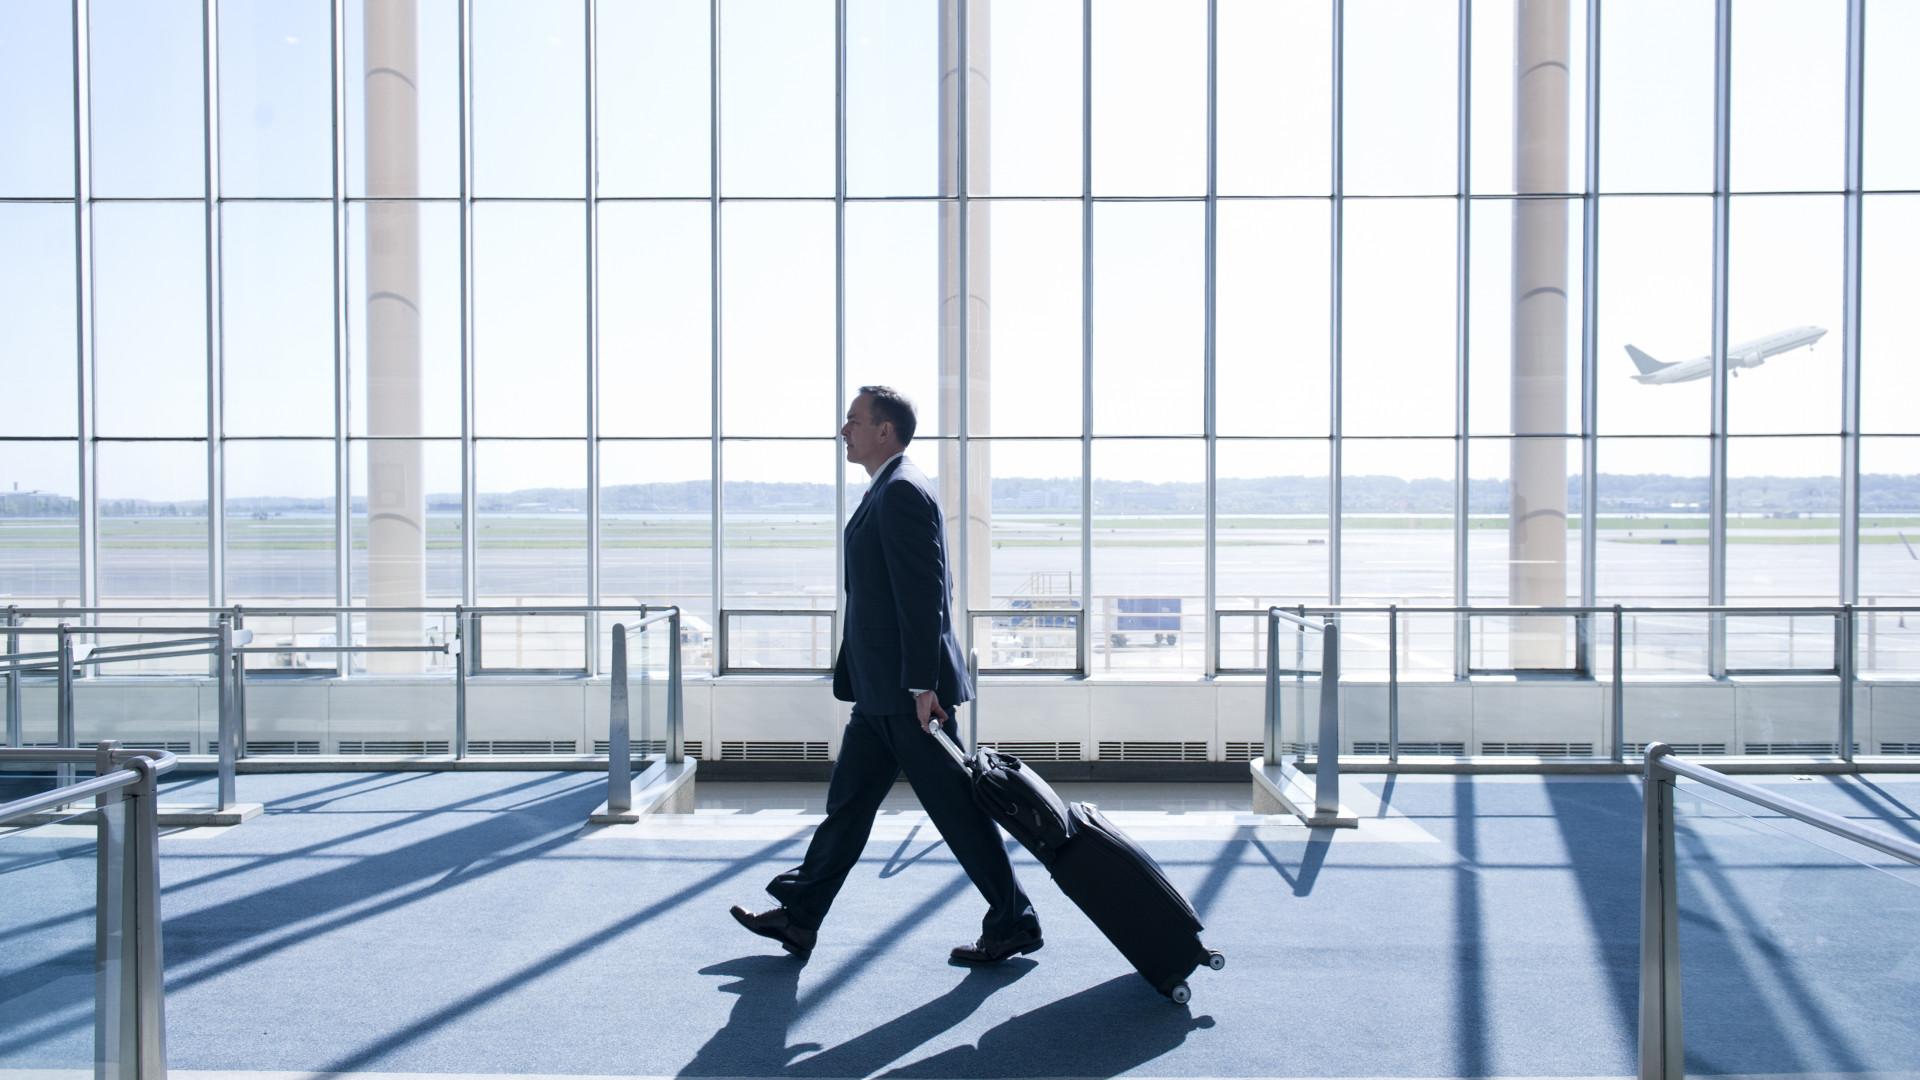 Évekig tartó változást hozhat a reptereken a koronavírus – Auszrtáliában már bejelentették